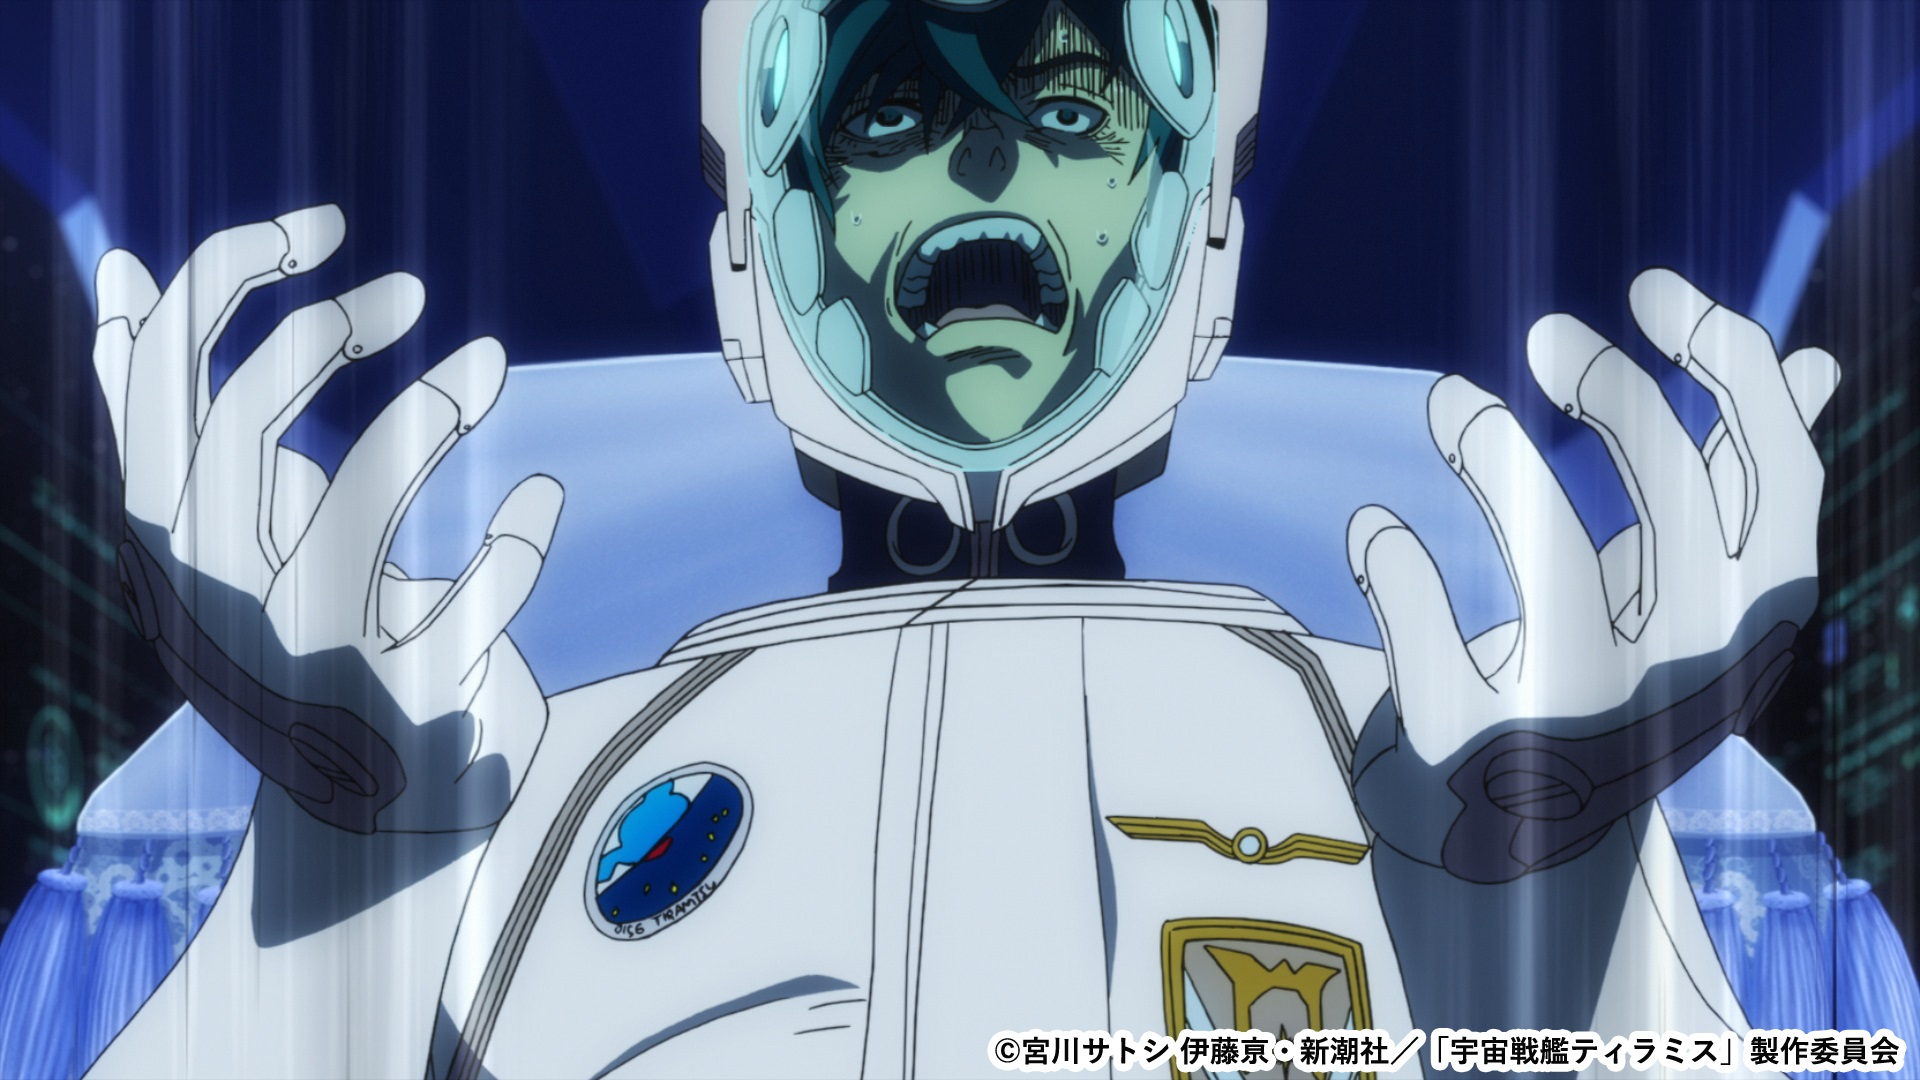 『宇宙戦艦ティラミス』第13話(最終話)の先行カット公開! 激闘の中、スバル(CV:石川界人)の前にイスズ(CV:櫻井孝宏)が立ちはだかる-3